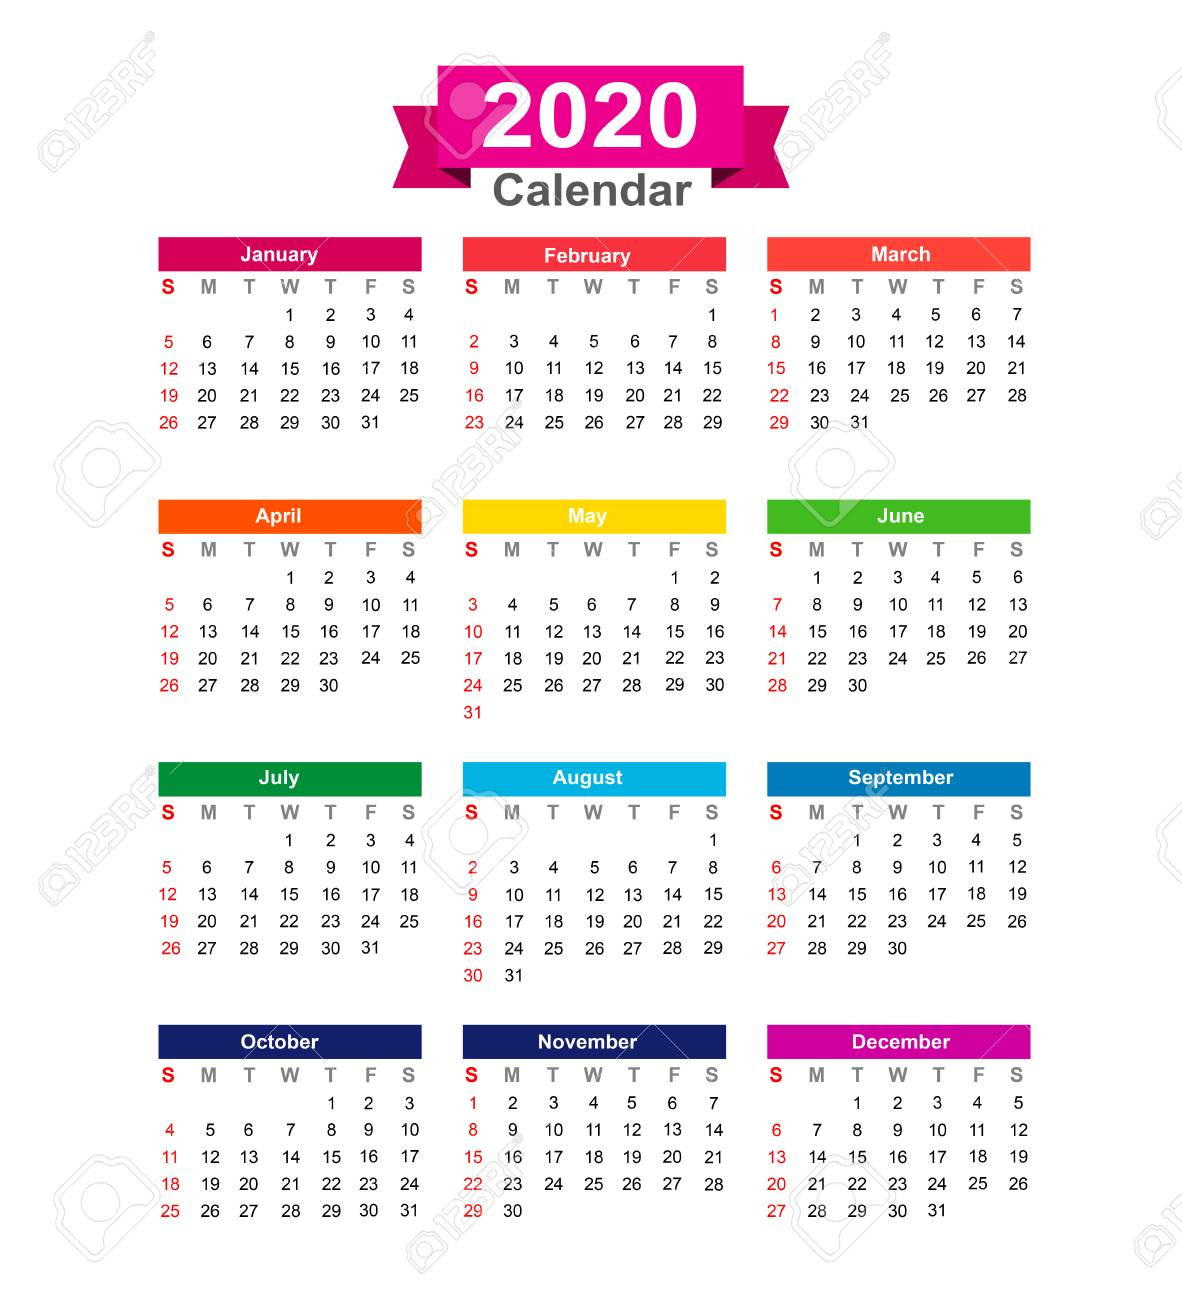 Calendrier De L Annee 2020 Isole Sur Illustration Vectorielle Fond Blanc